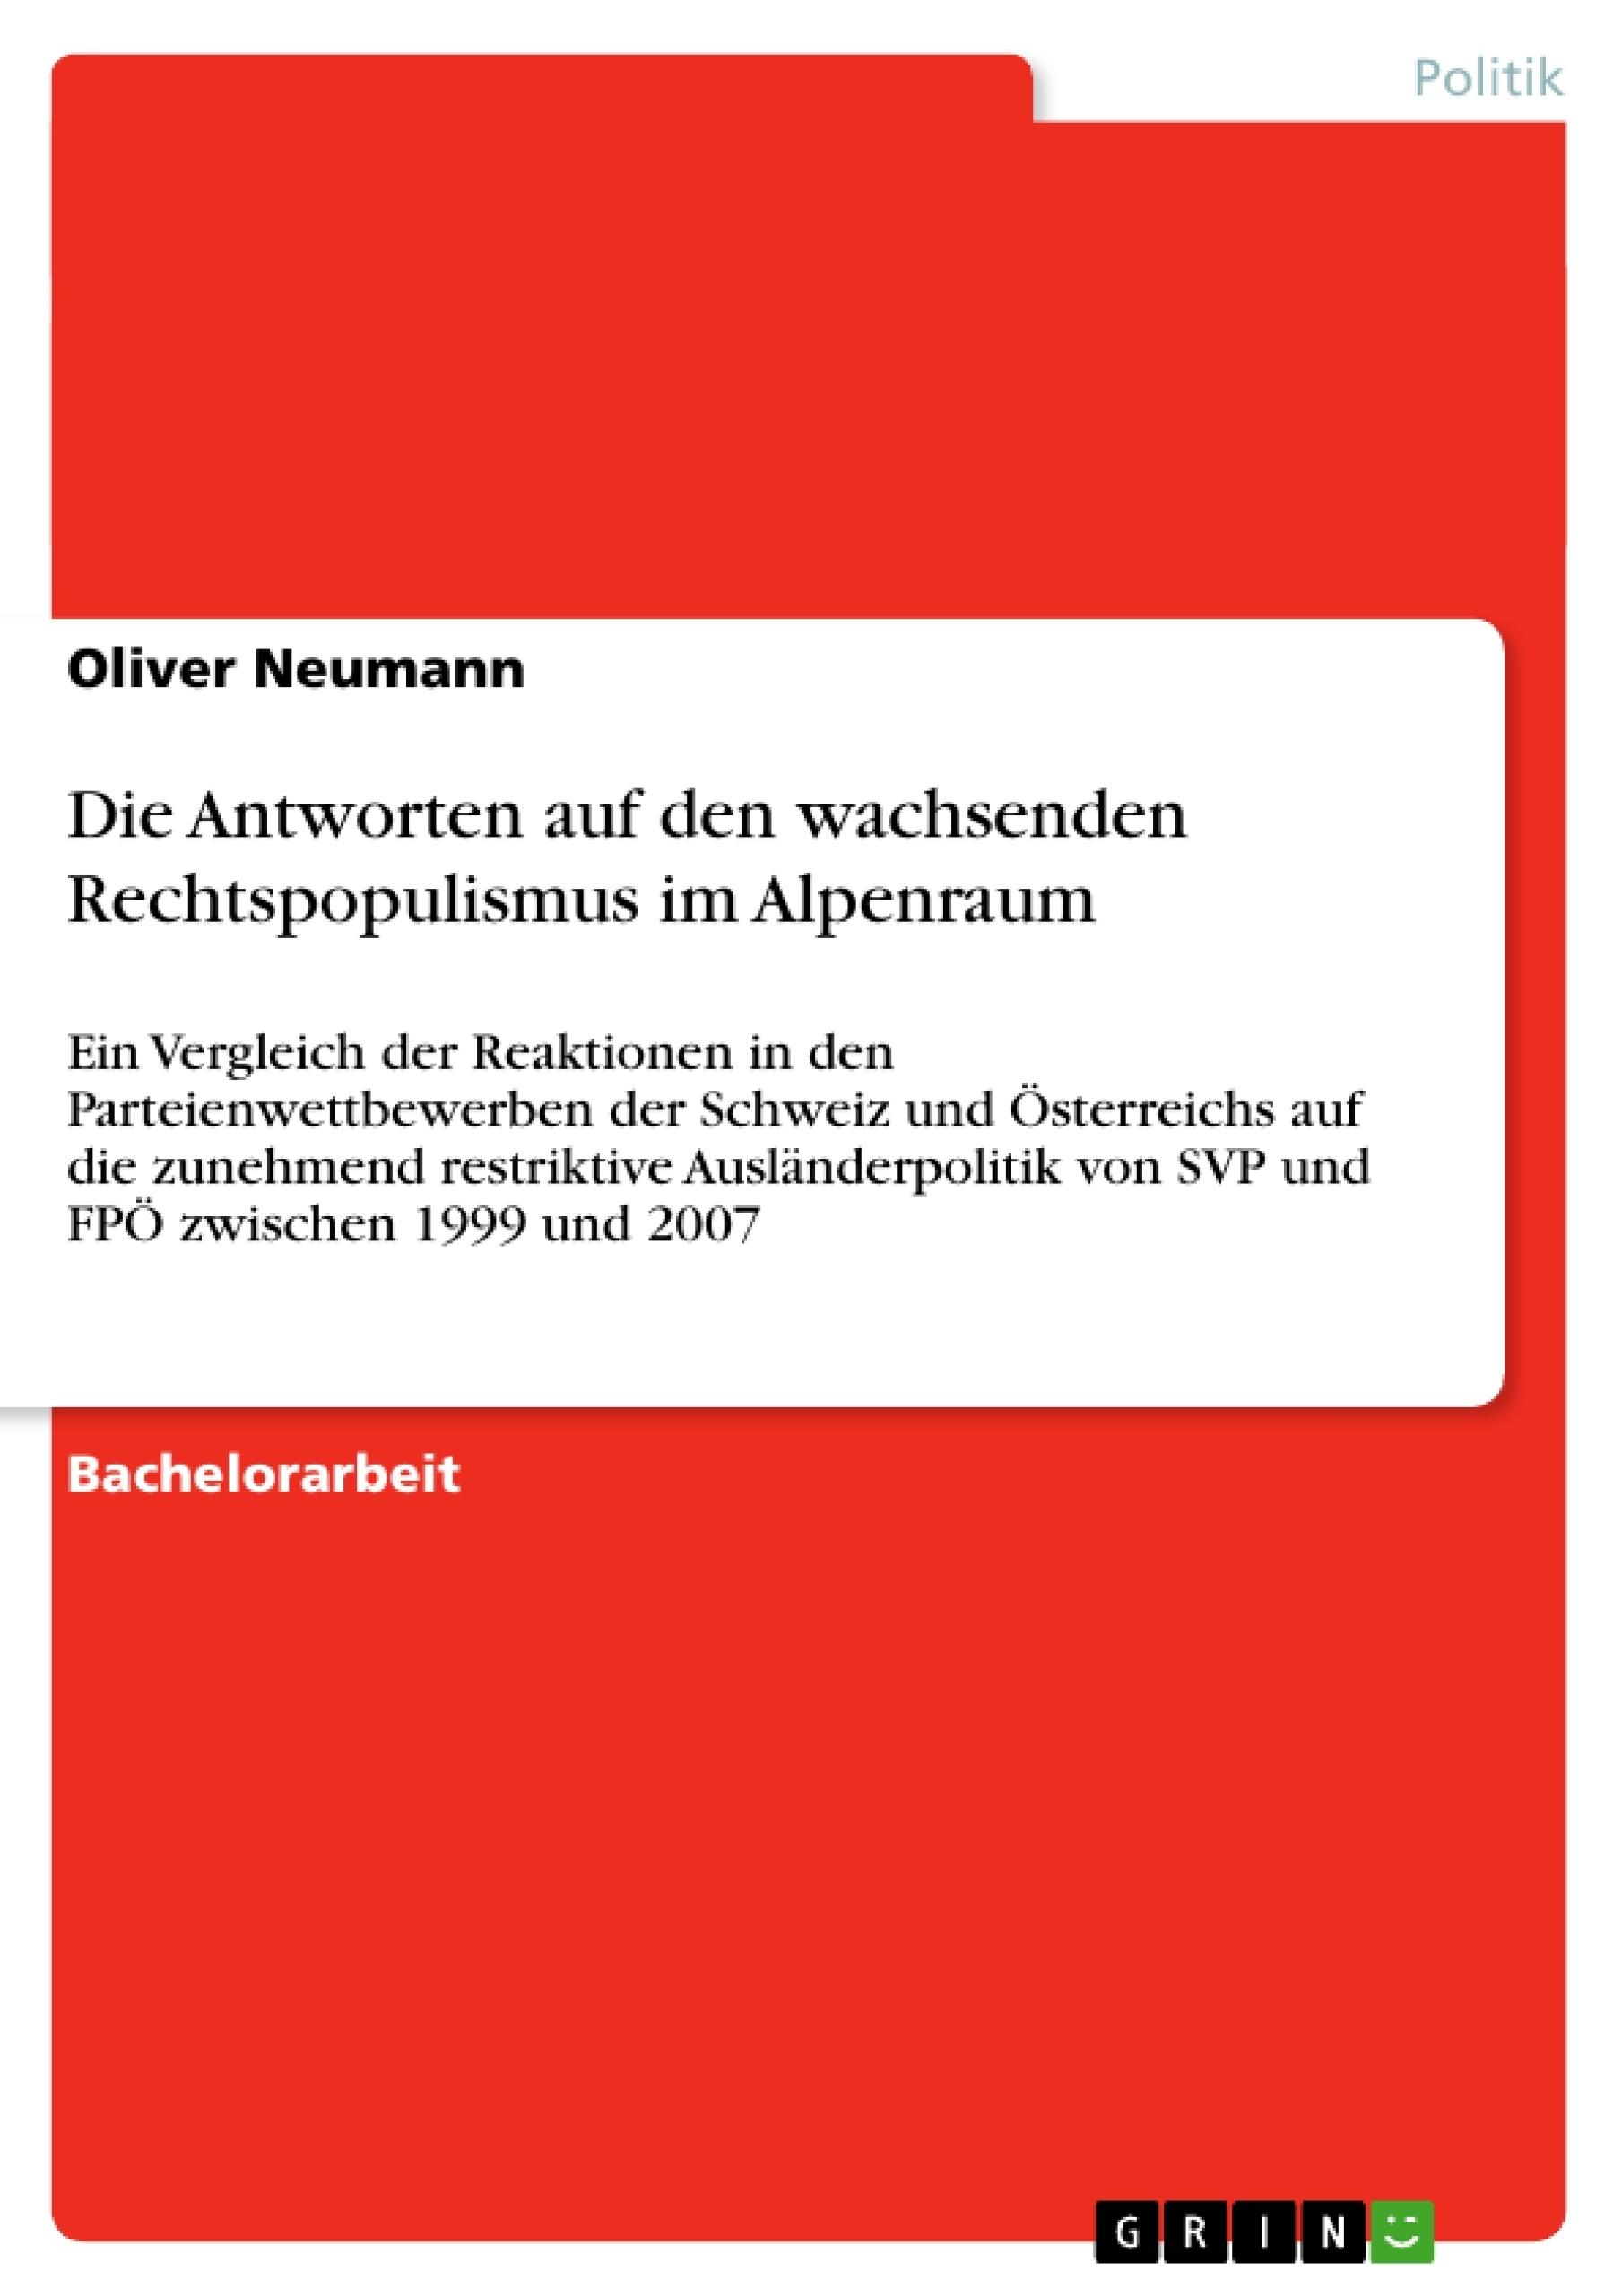 Titel: Die Antworten auf den wachsenden Rechtspopulismus im Alpenraum